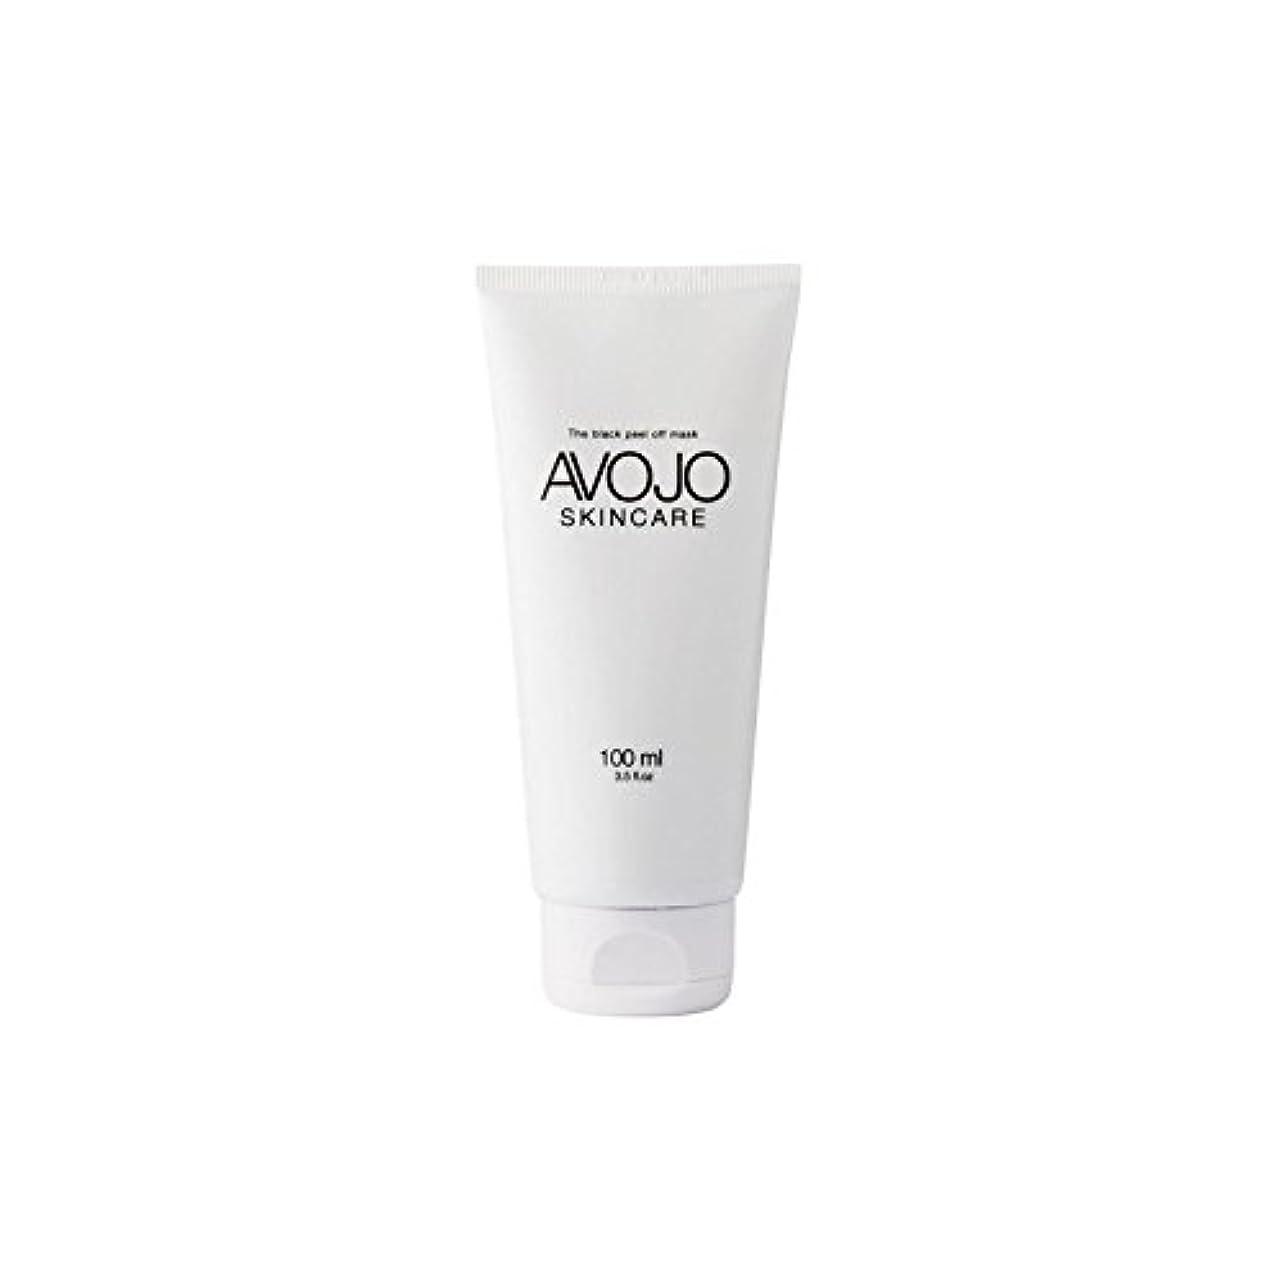 ディンカルビル豆大胆Avojo - The Black Peel Off Mask - (Bottle 100ml) (Pack of 6) - - 黒皮オフマスク - (ボトル100ミリリットル) x6 [並行輸入品]